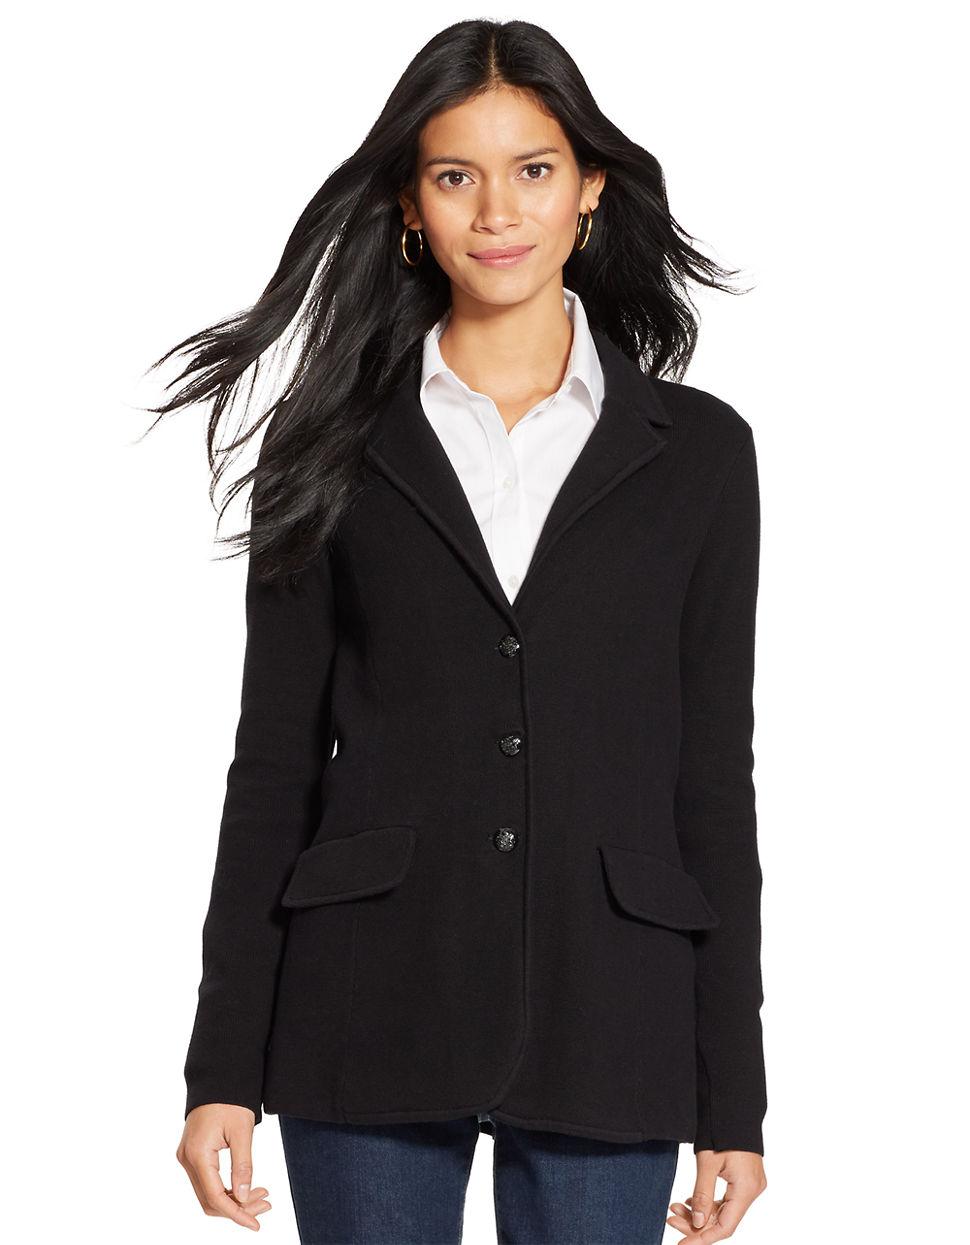 Lauren by ralph lauren Cotton Sweater Blazer in Black - Save 6% | Lyst